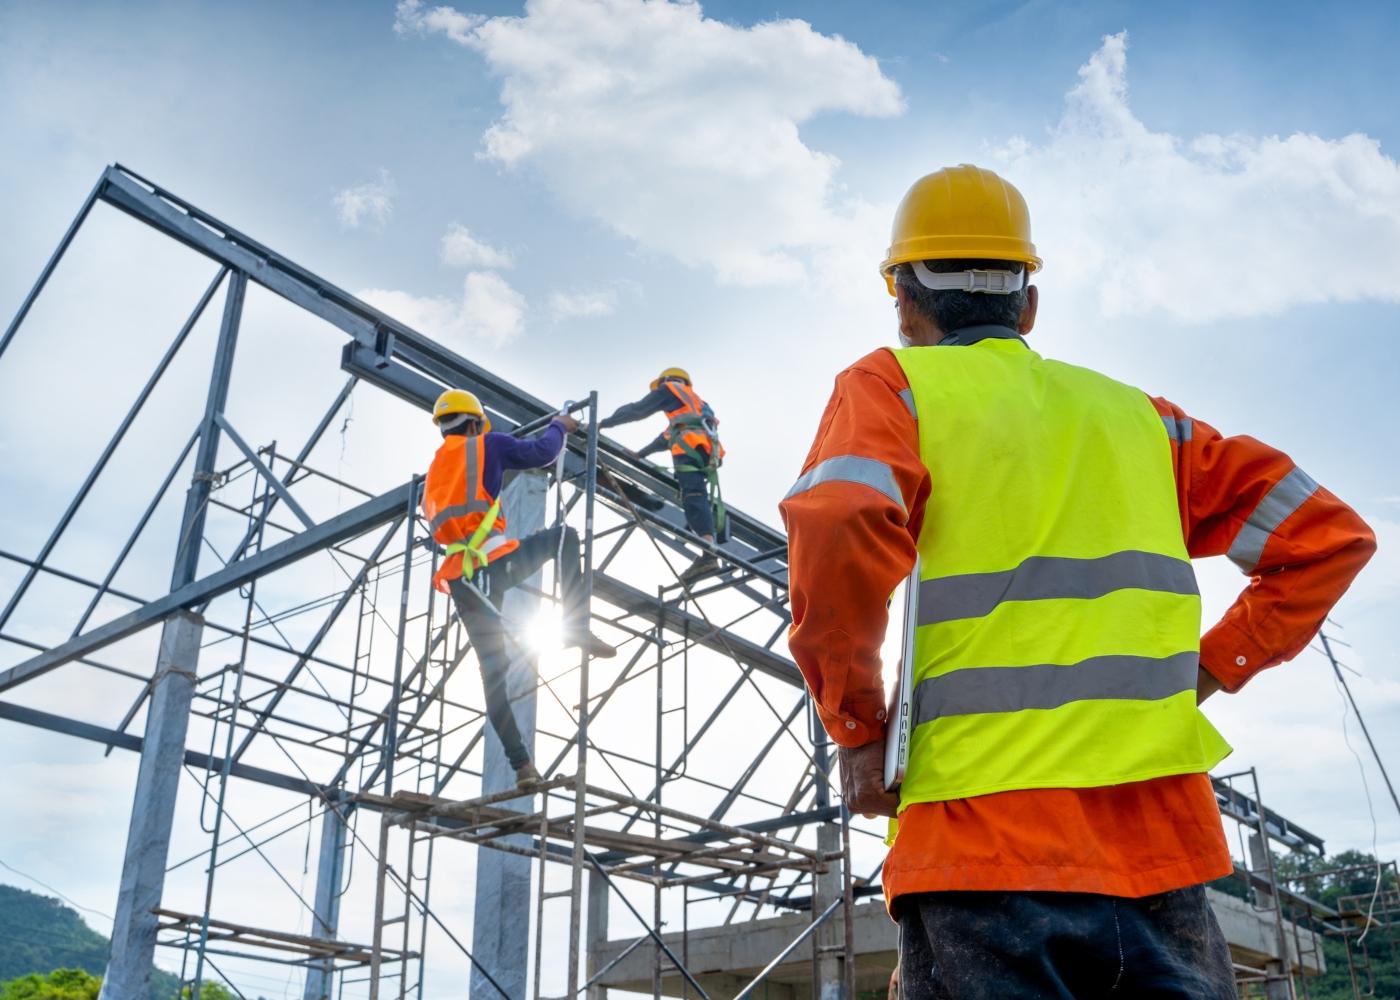 trabalhadores da construção civil numa obra